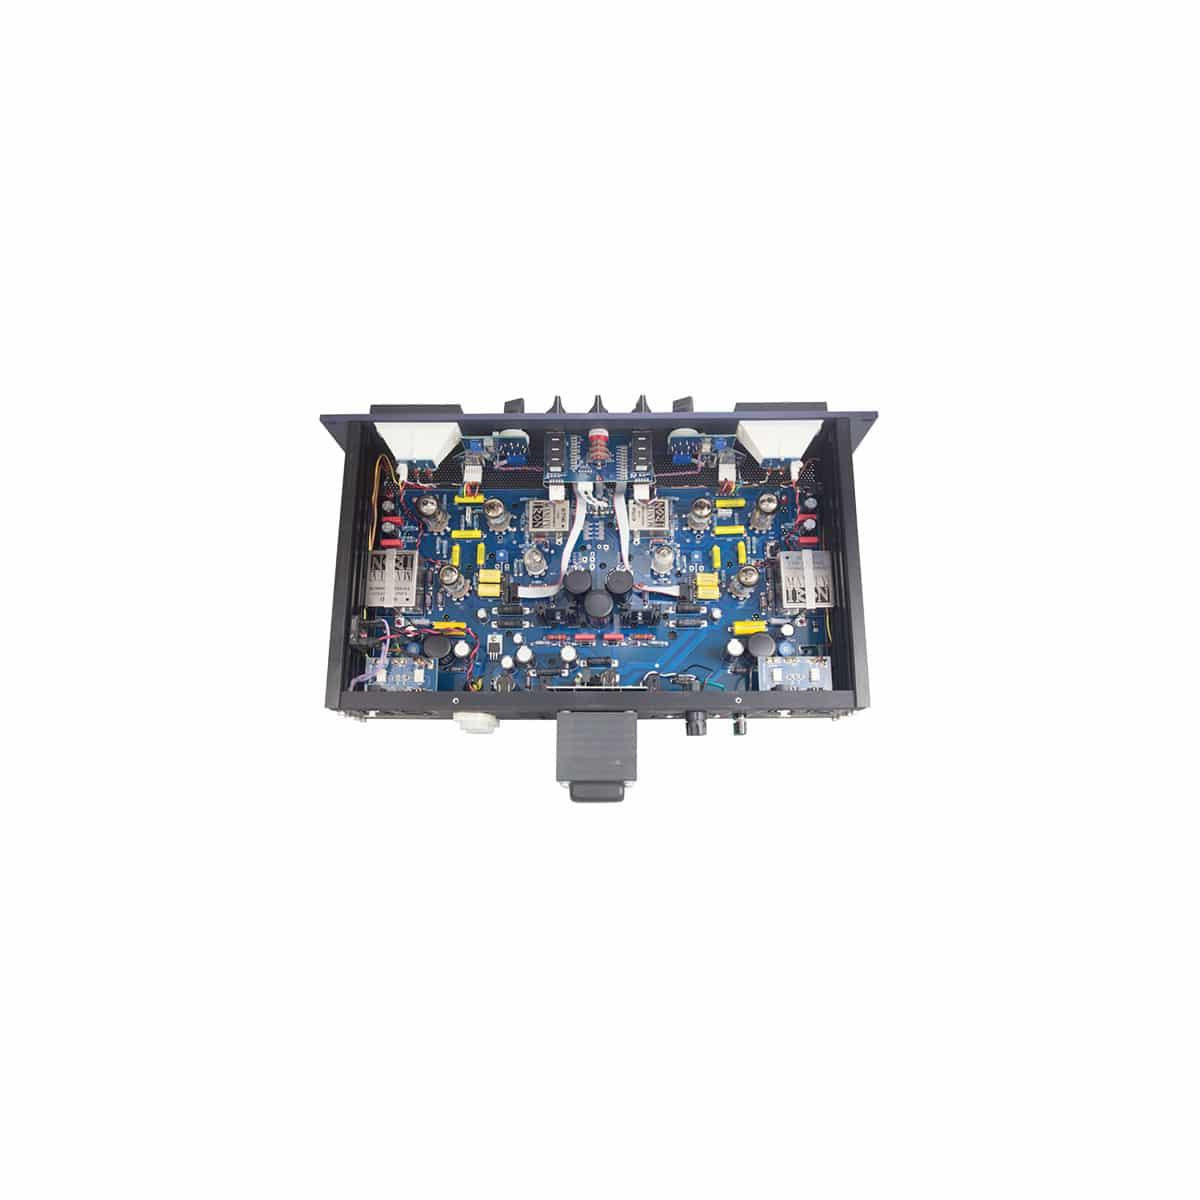 Manley Stereo Variable Mu 05 Compressori analogici per il tuo studio di registrazione, Outboard professionale analogico, Strumentazioni Pro Audio per studi di registrazione